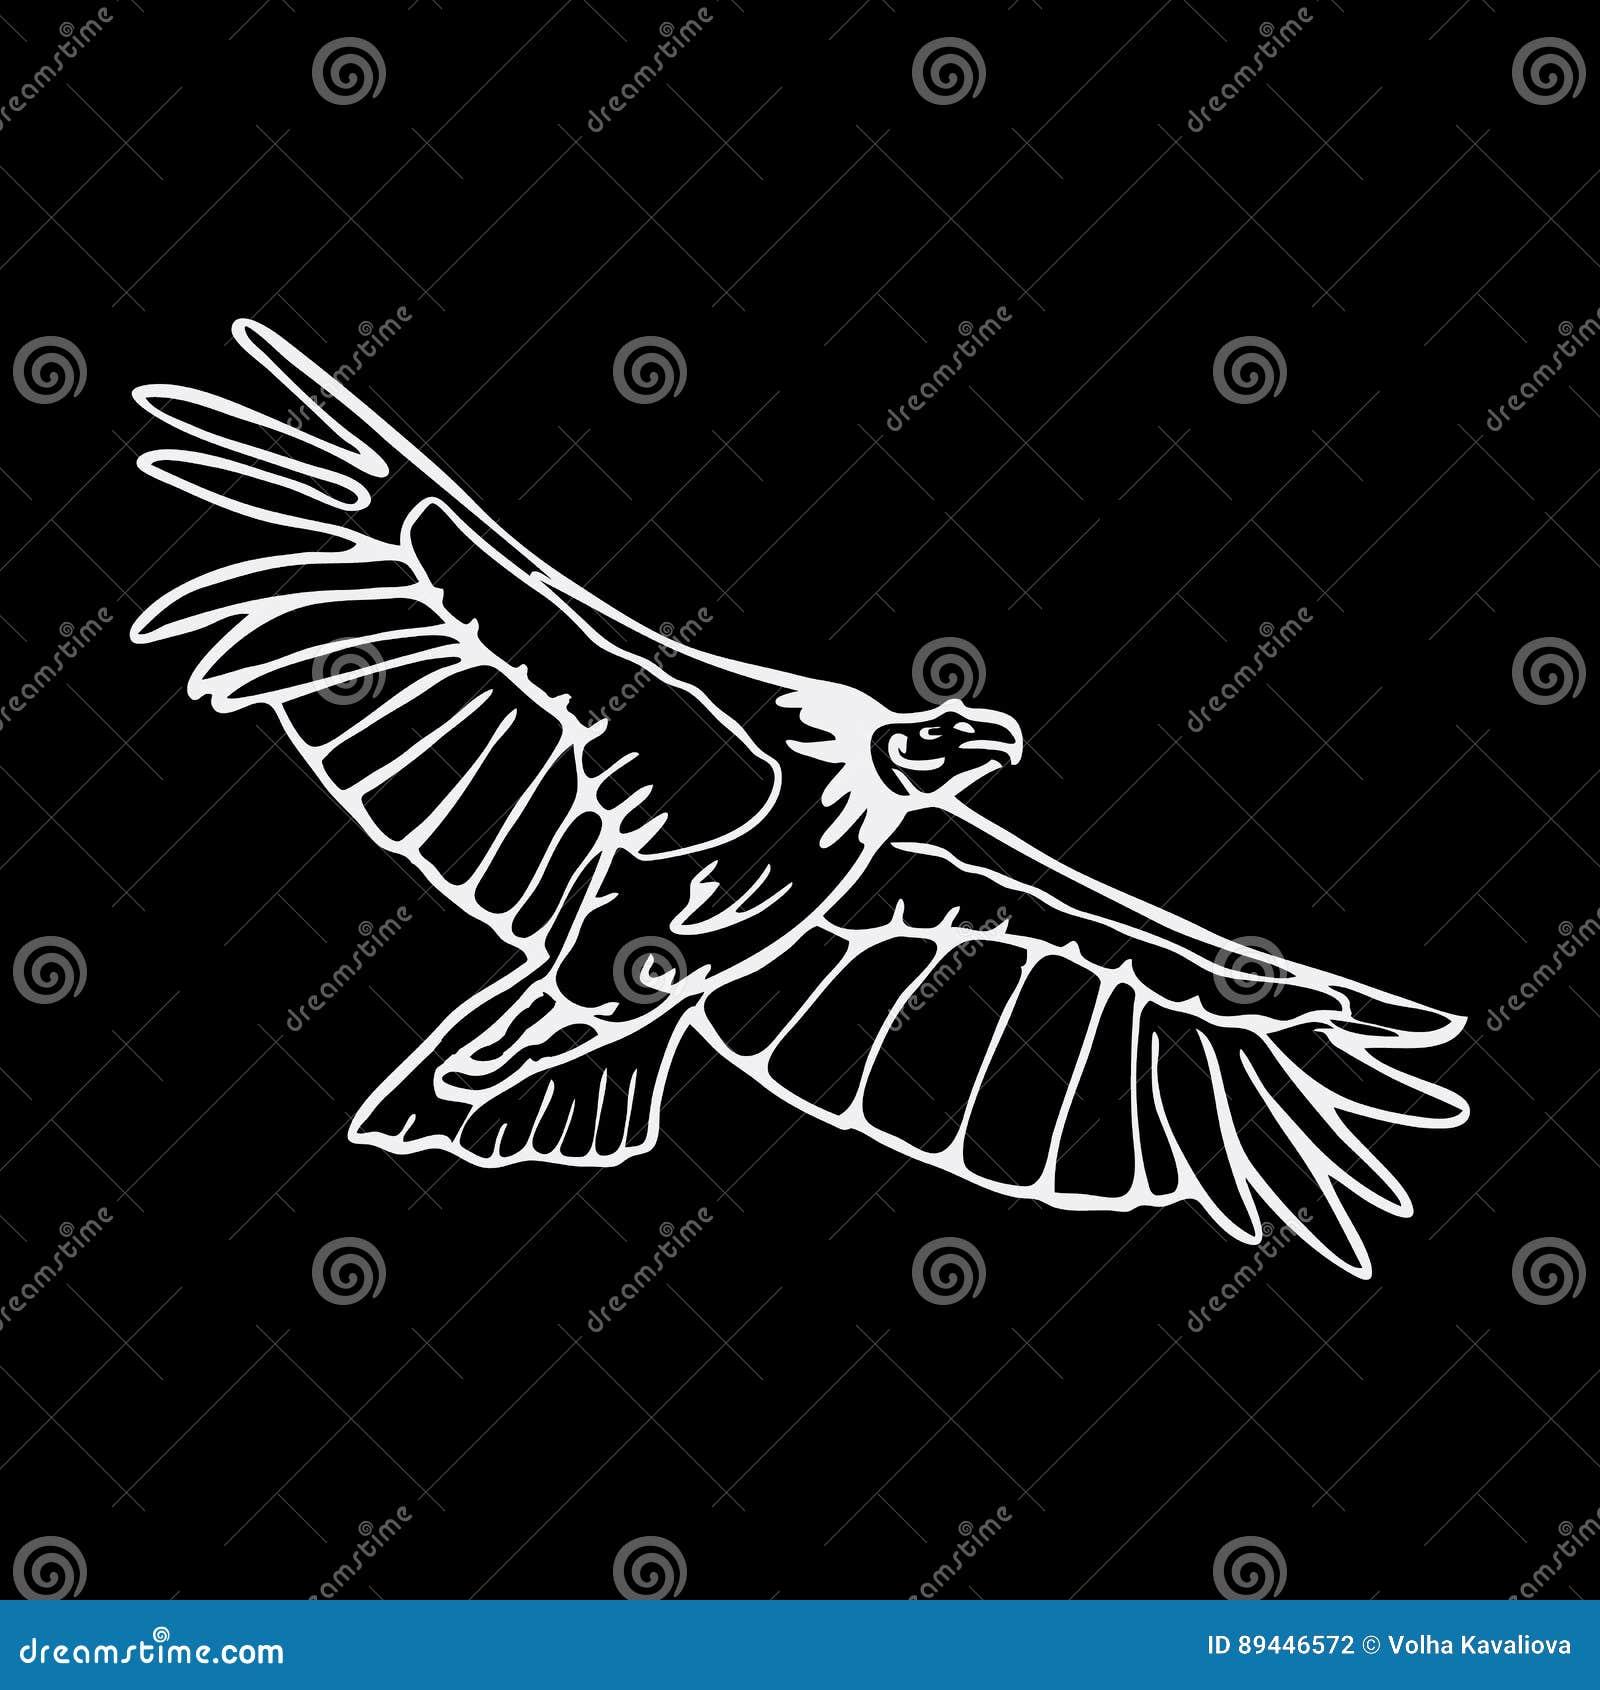 Нарисованные вручную графики карандаша, хищник, орел, скопа, сокол, хоук